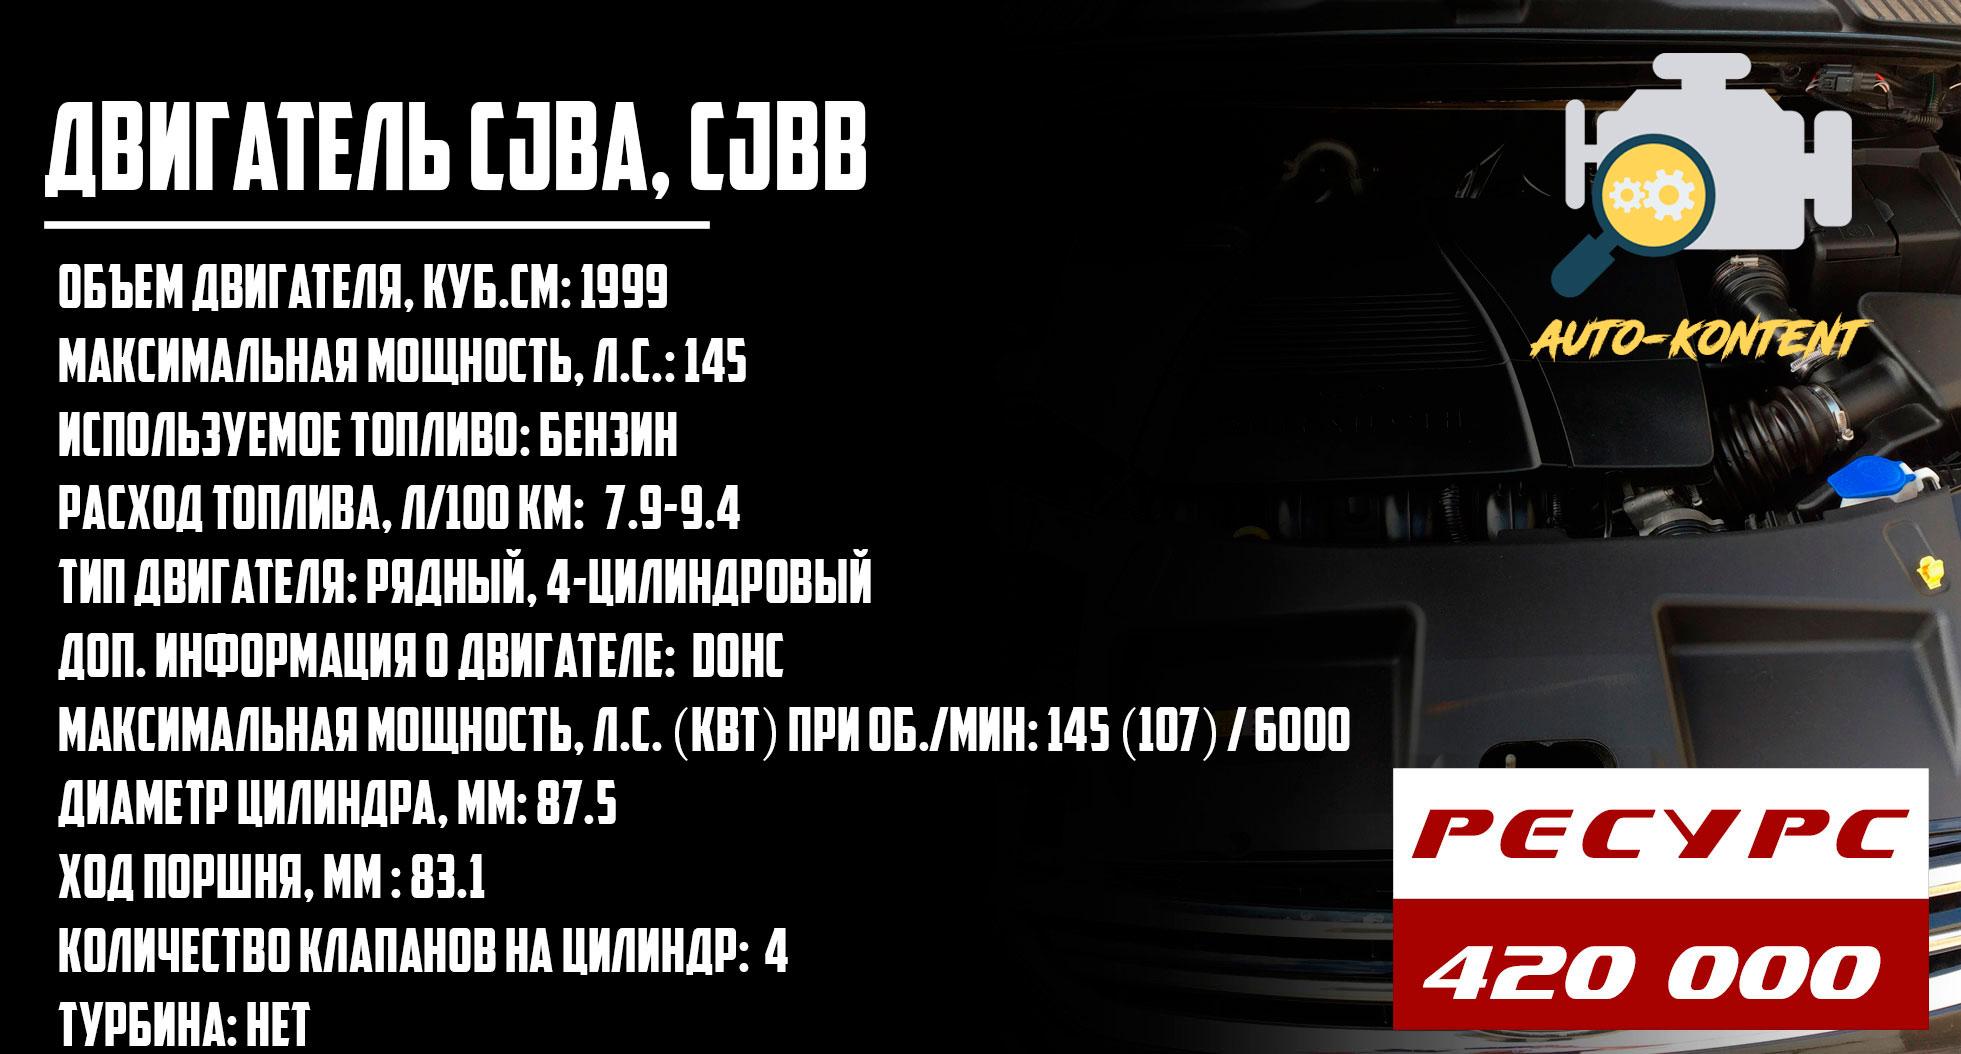 CJBA, CJBB